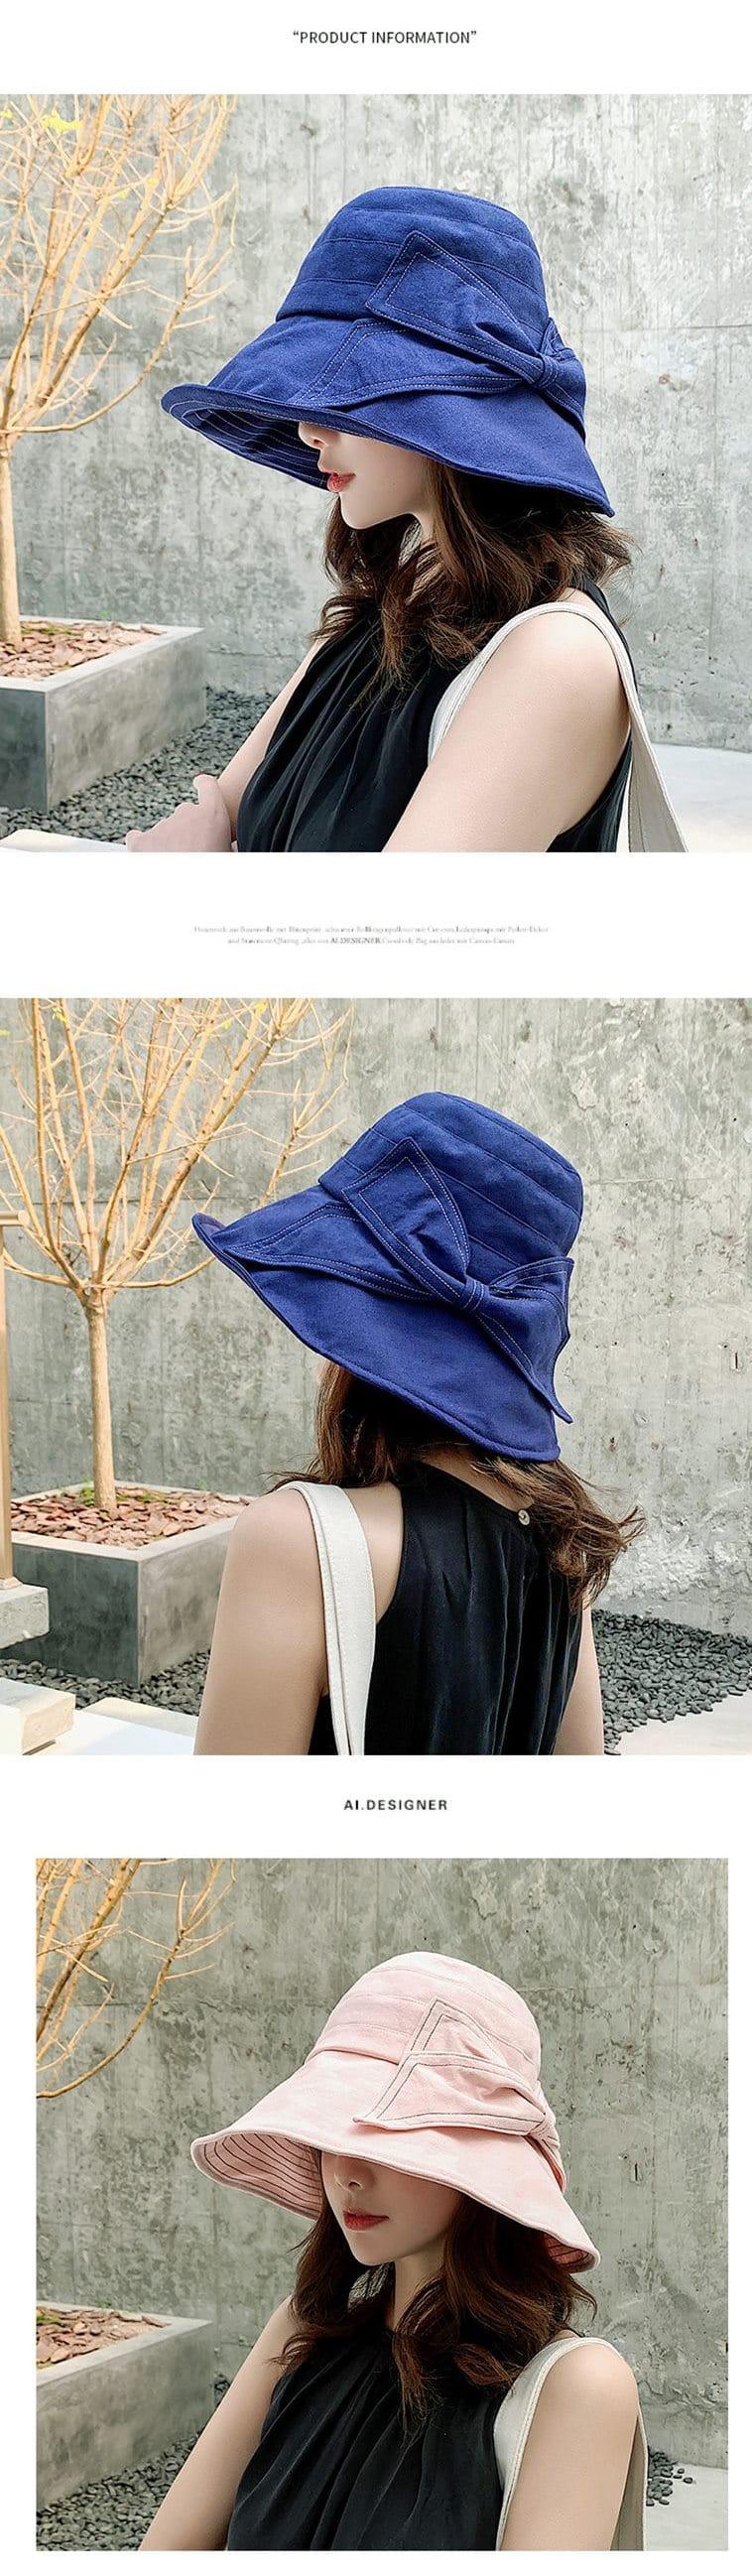 防曬護臉透氣折疊遮陽帽 4